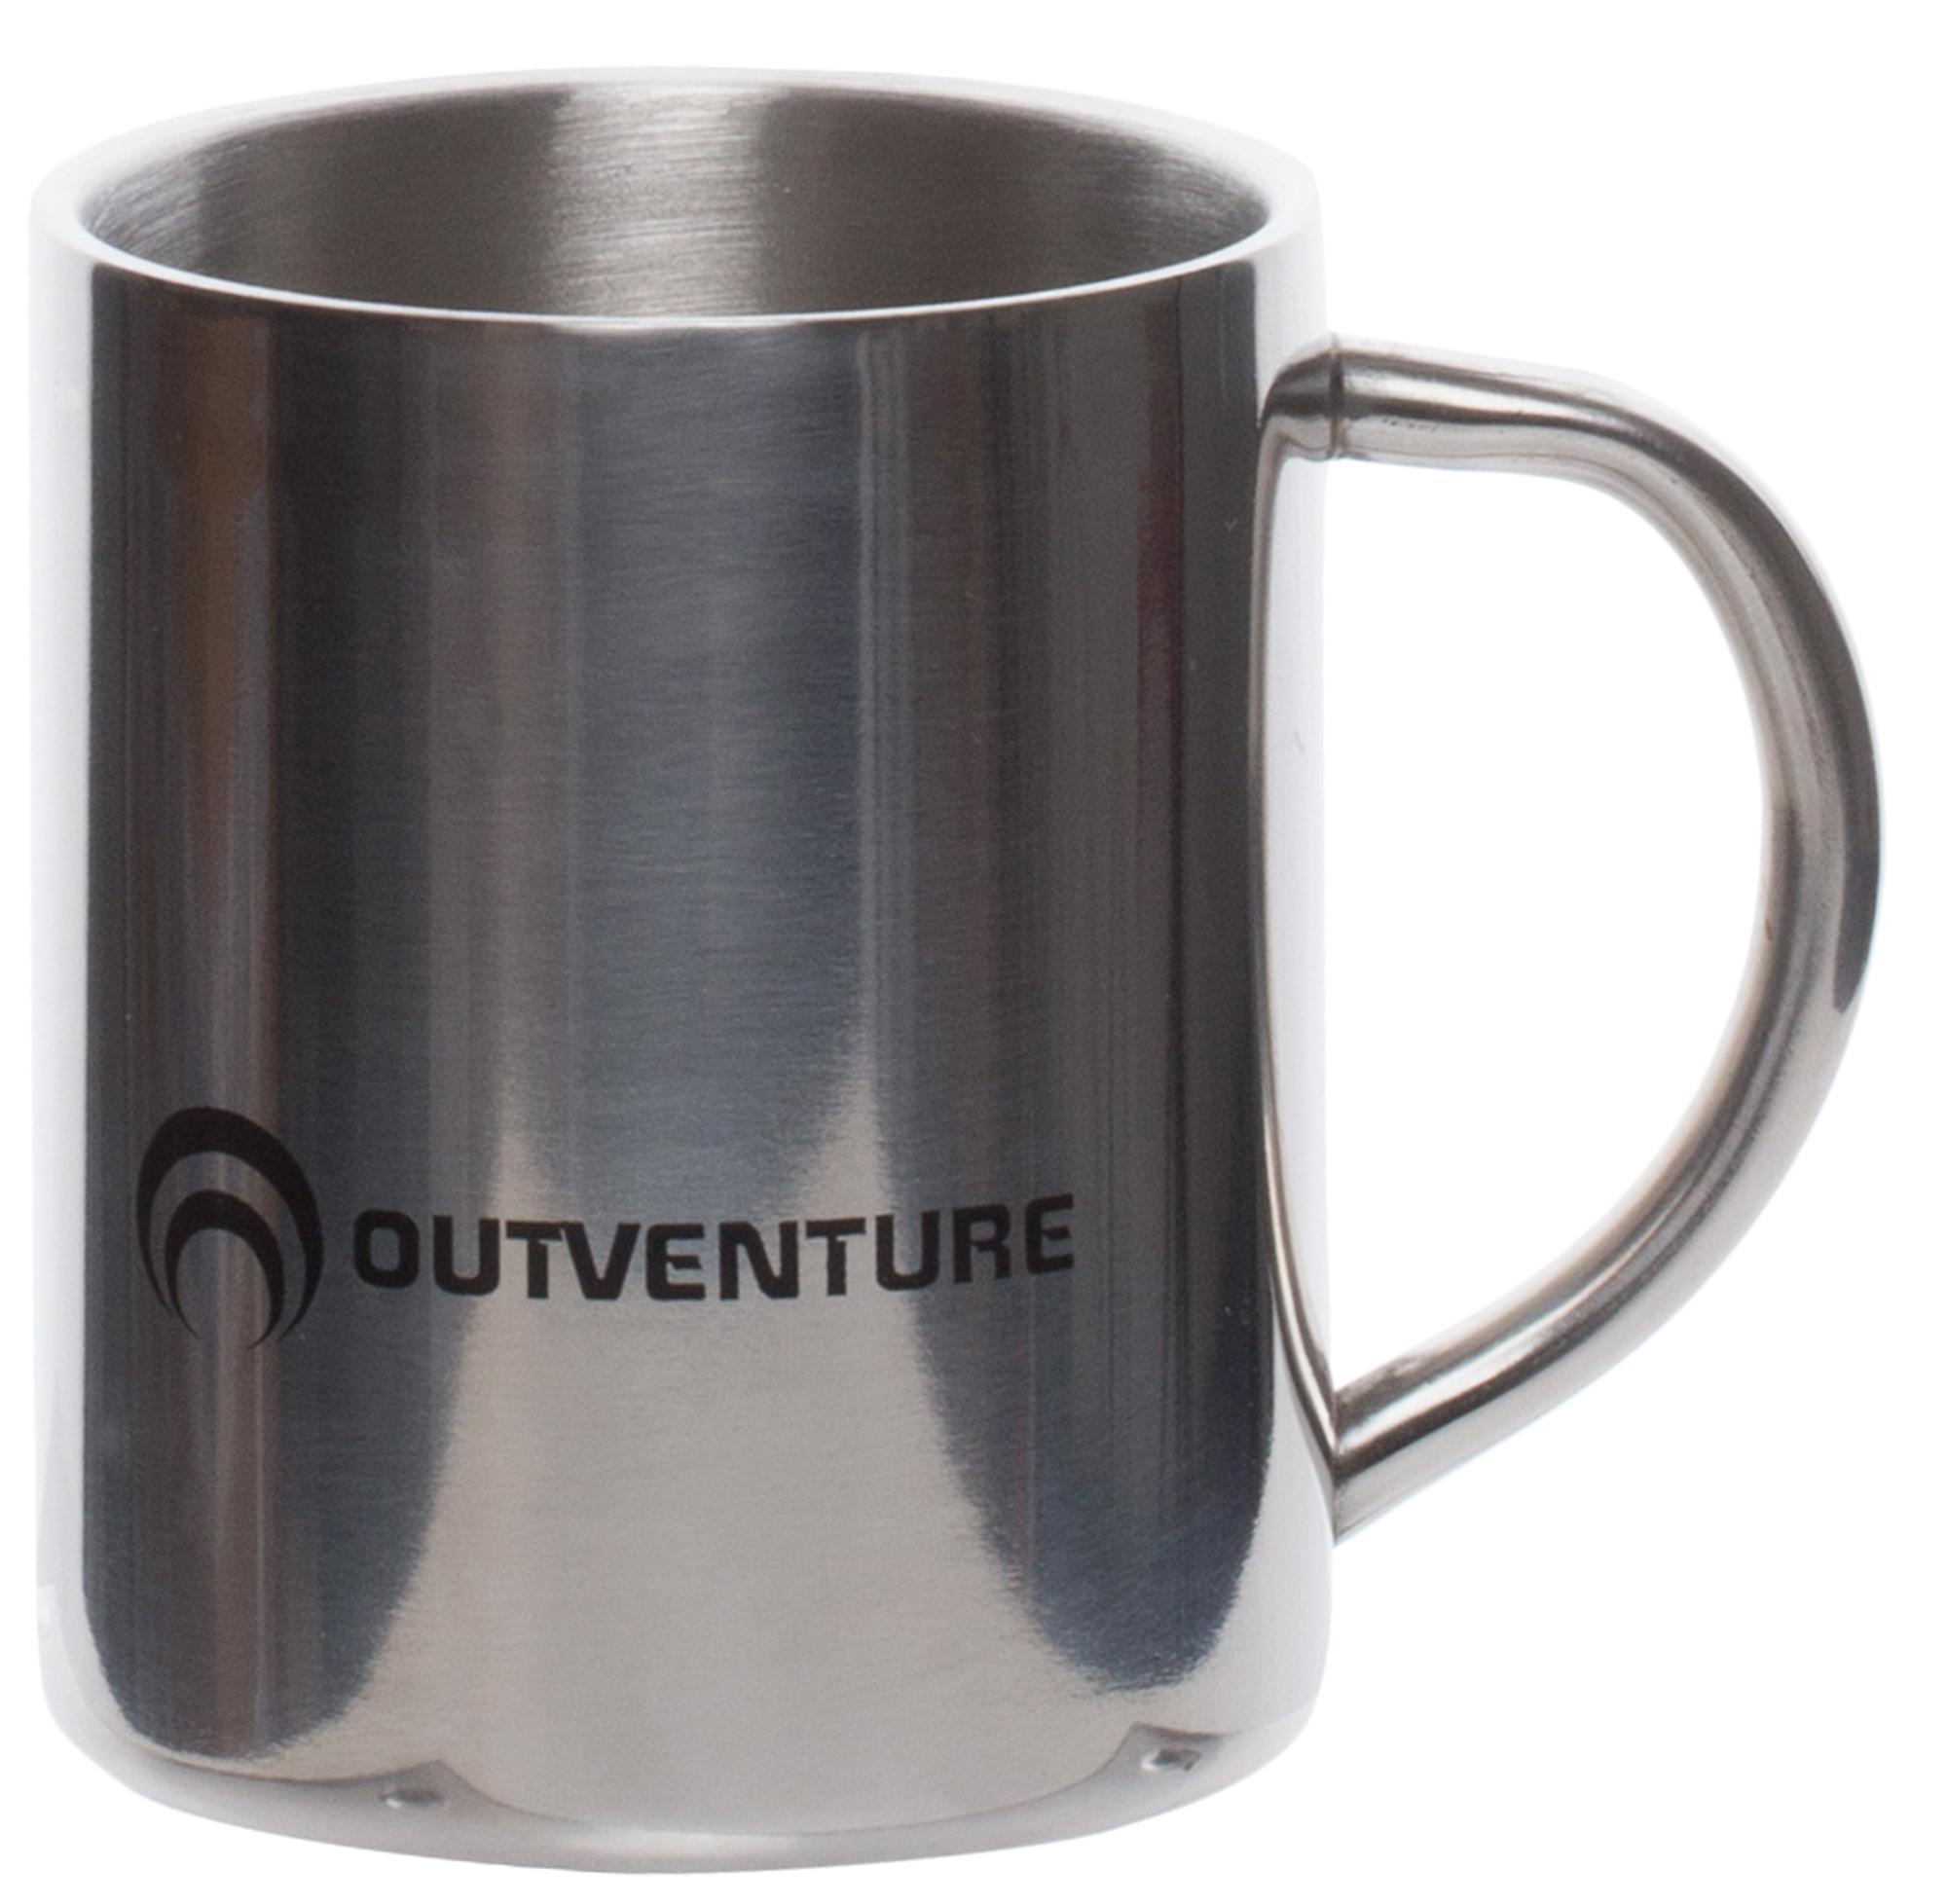 Outventure Термокружка Outventure outventure термокружка outventure